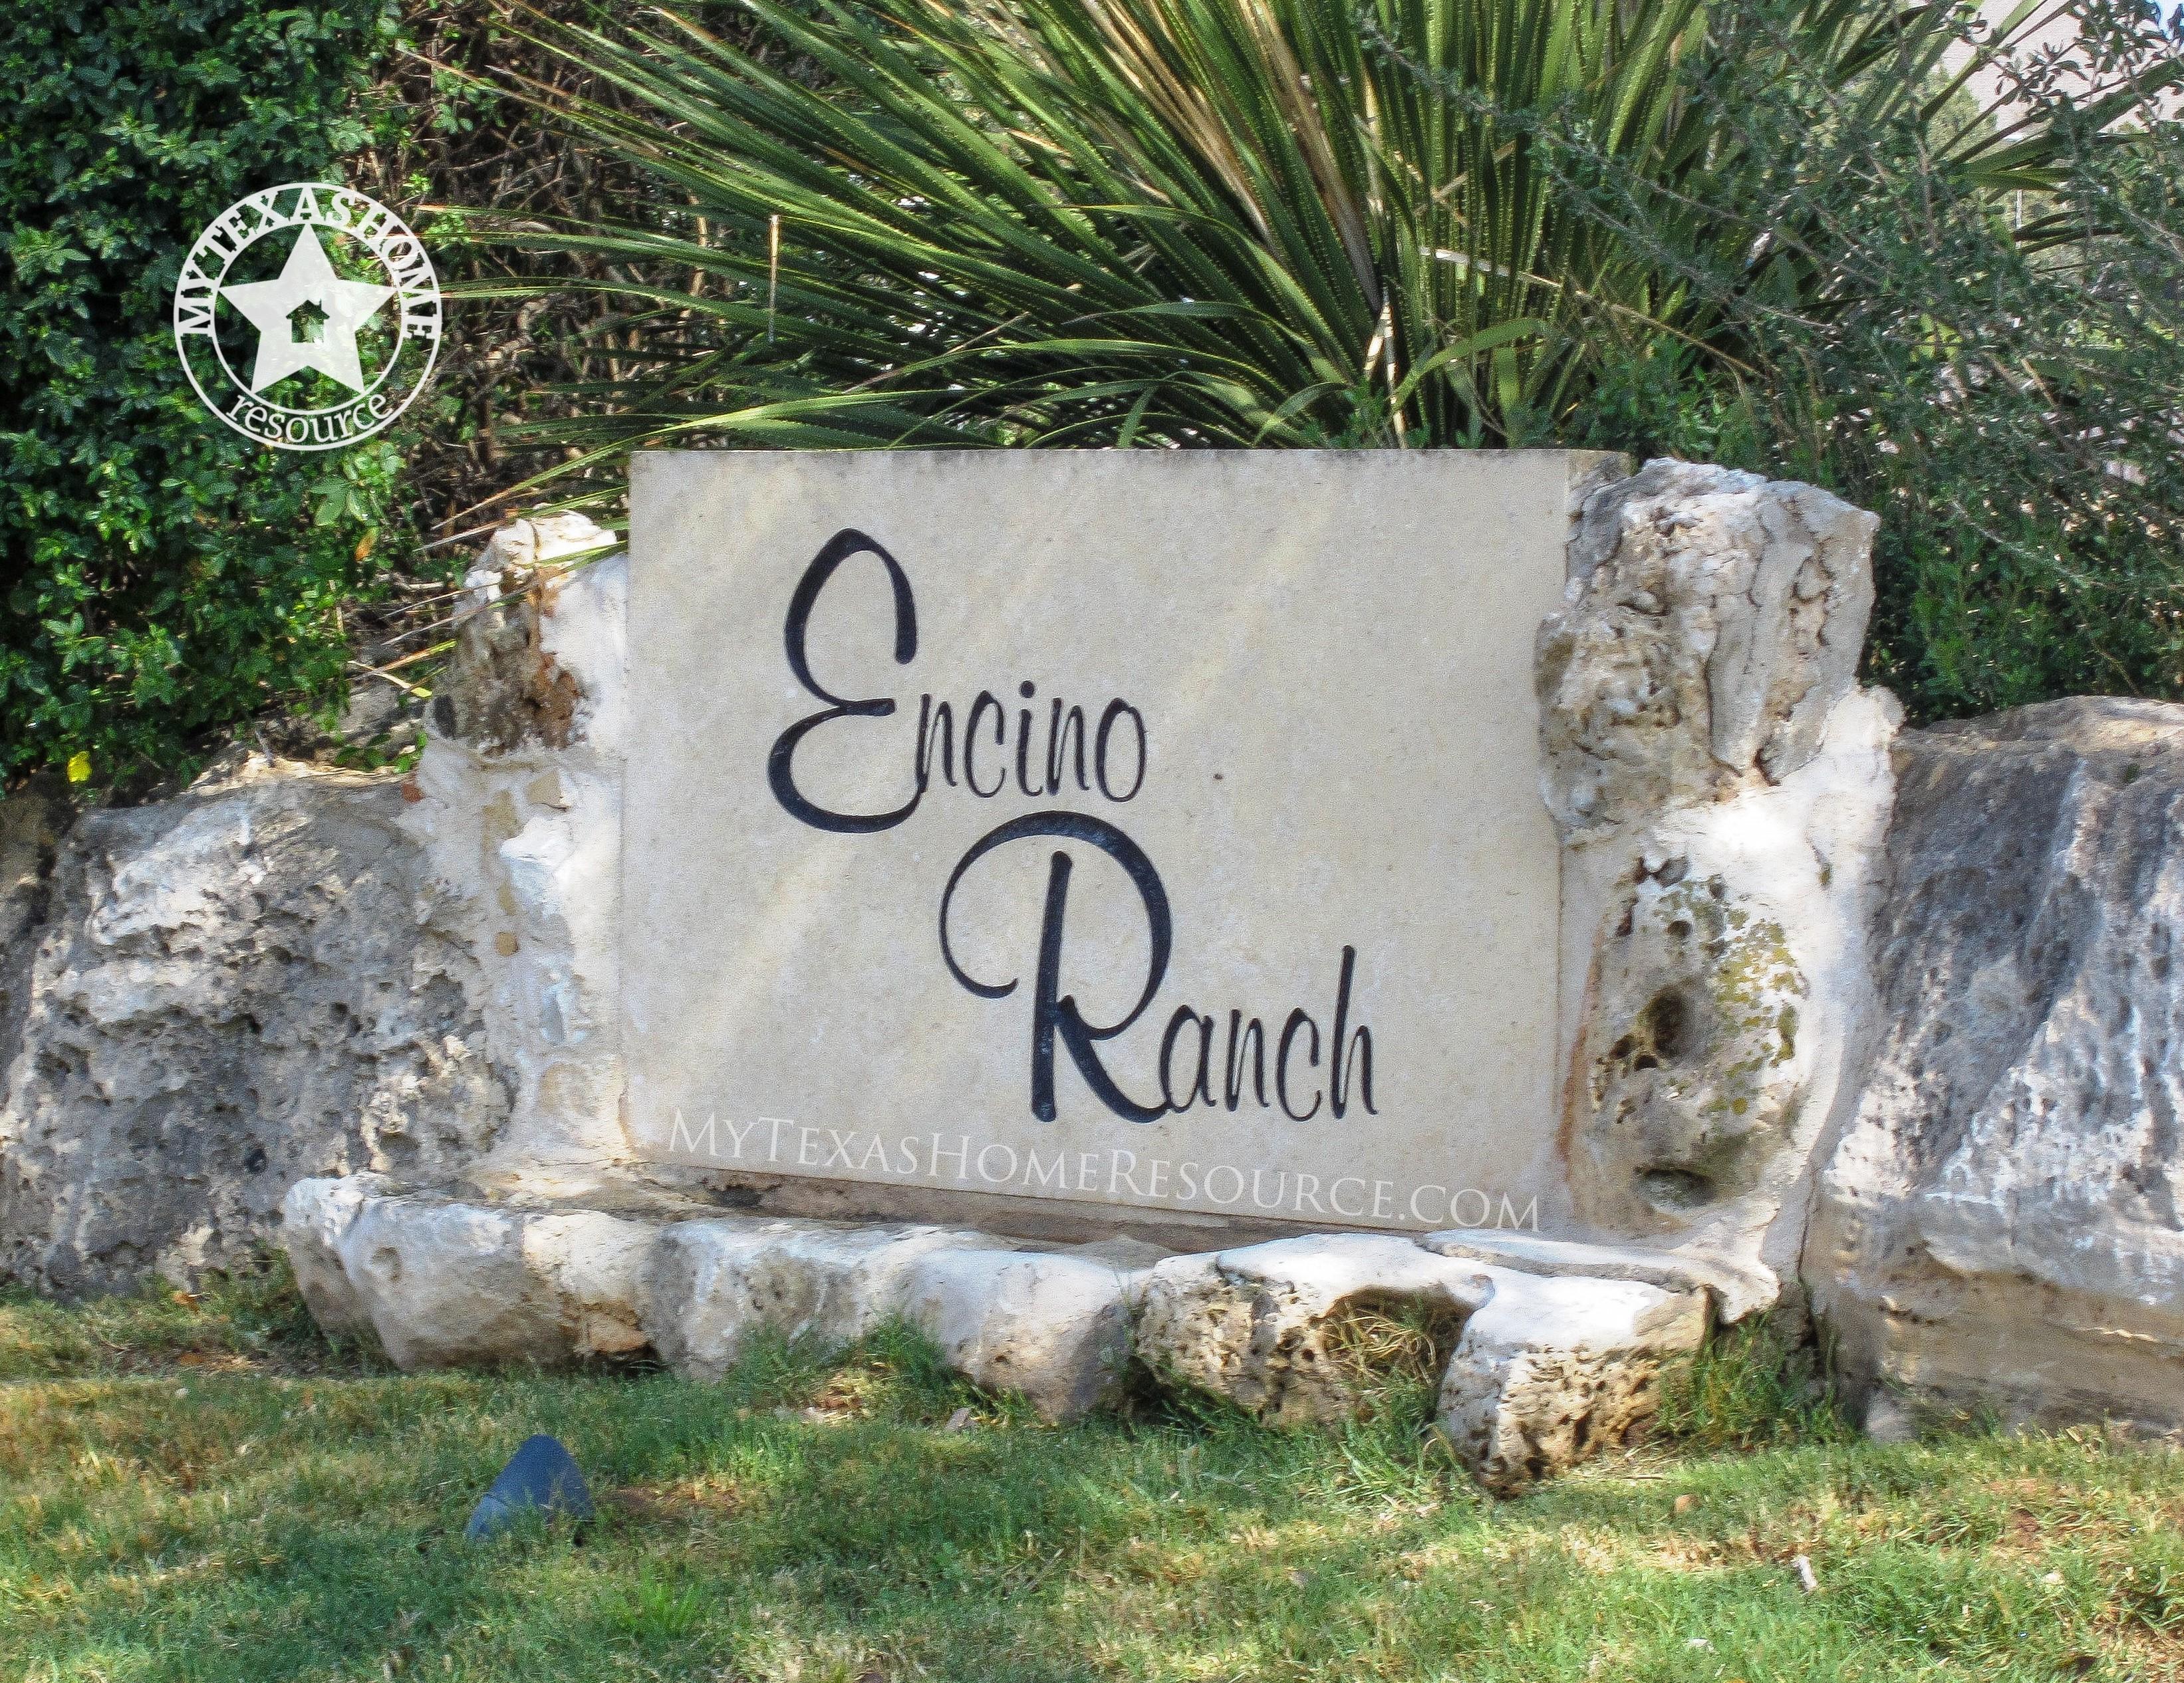 Encino Ranch Community San Antonio, TX